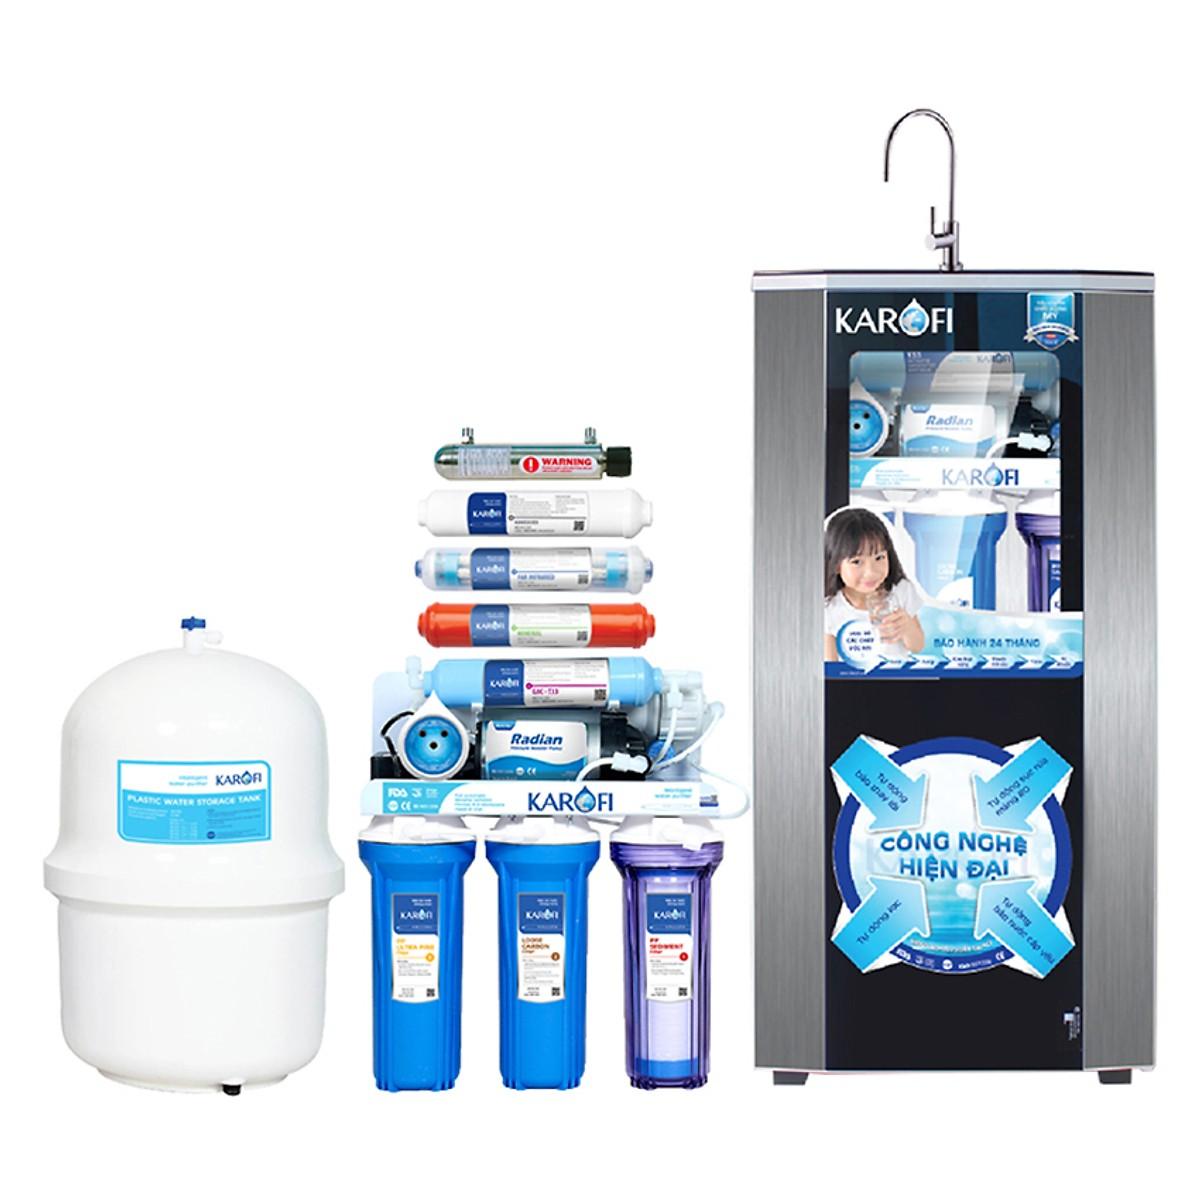 Kinh nghiệm mua máy lọc nước nào tốt nhất cho gia đình 2